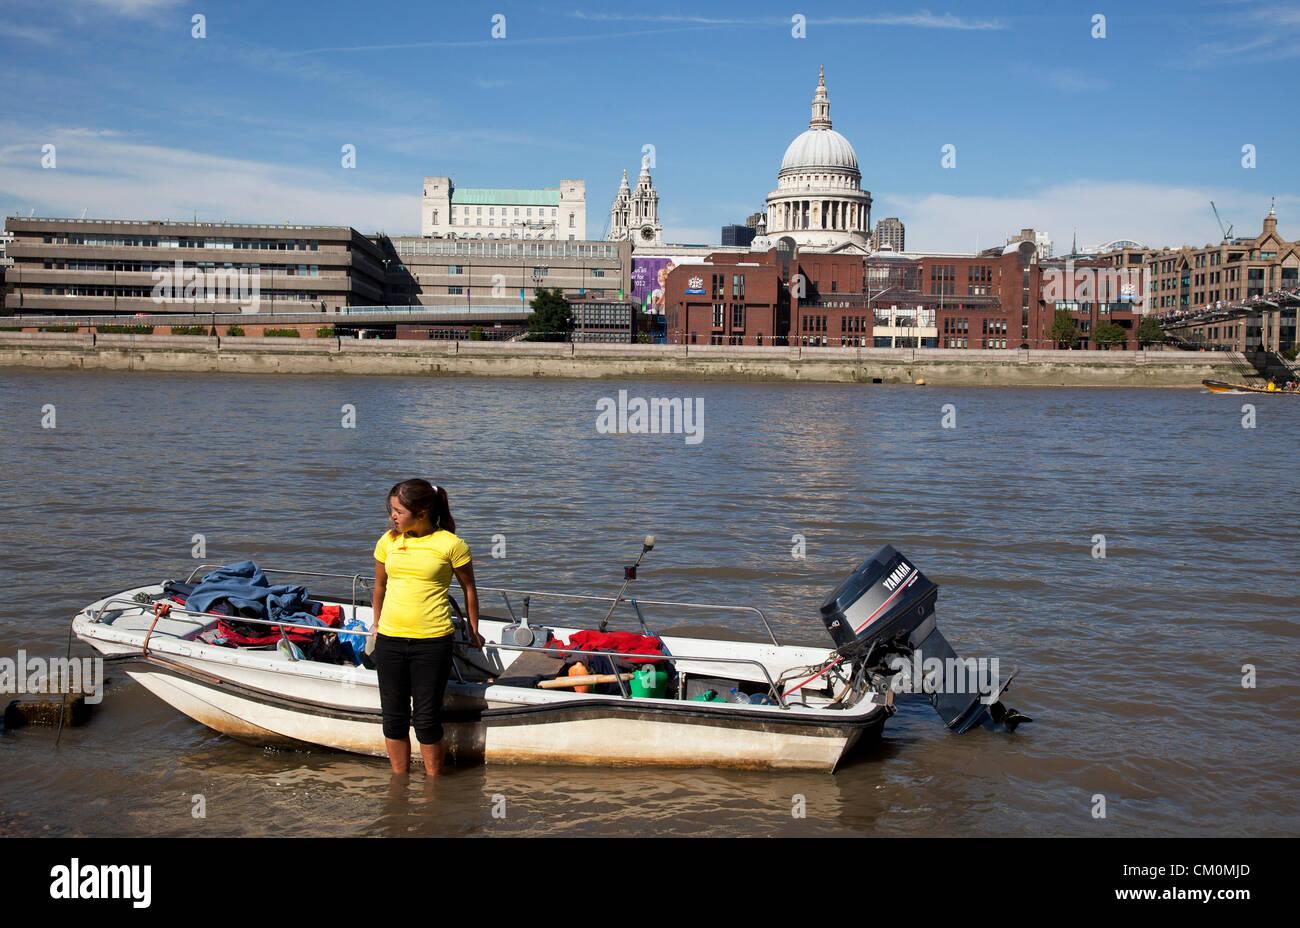 London, UK. 8th September, 2012. Girl holds on to her motor boat on the river Thames. The Mayor's Thames Festival - Stock Image